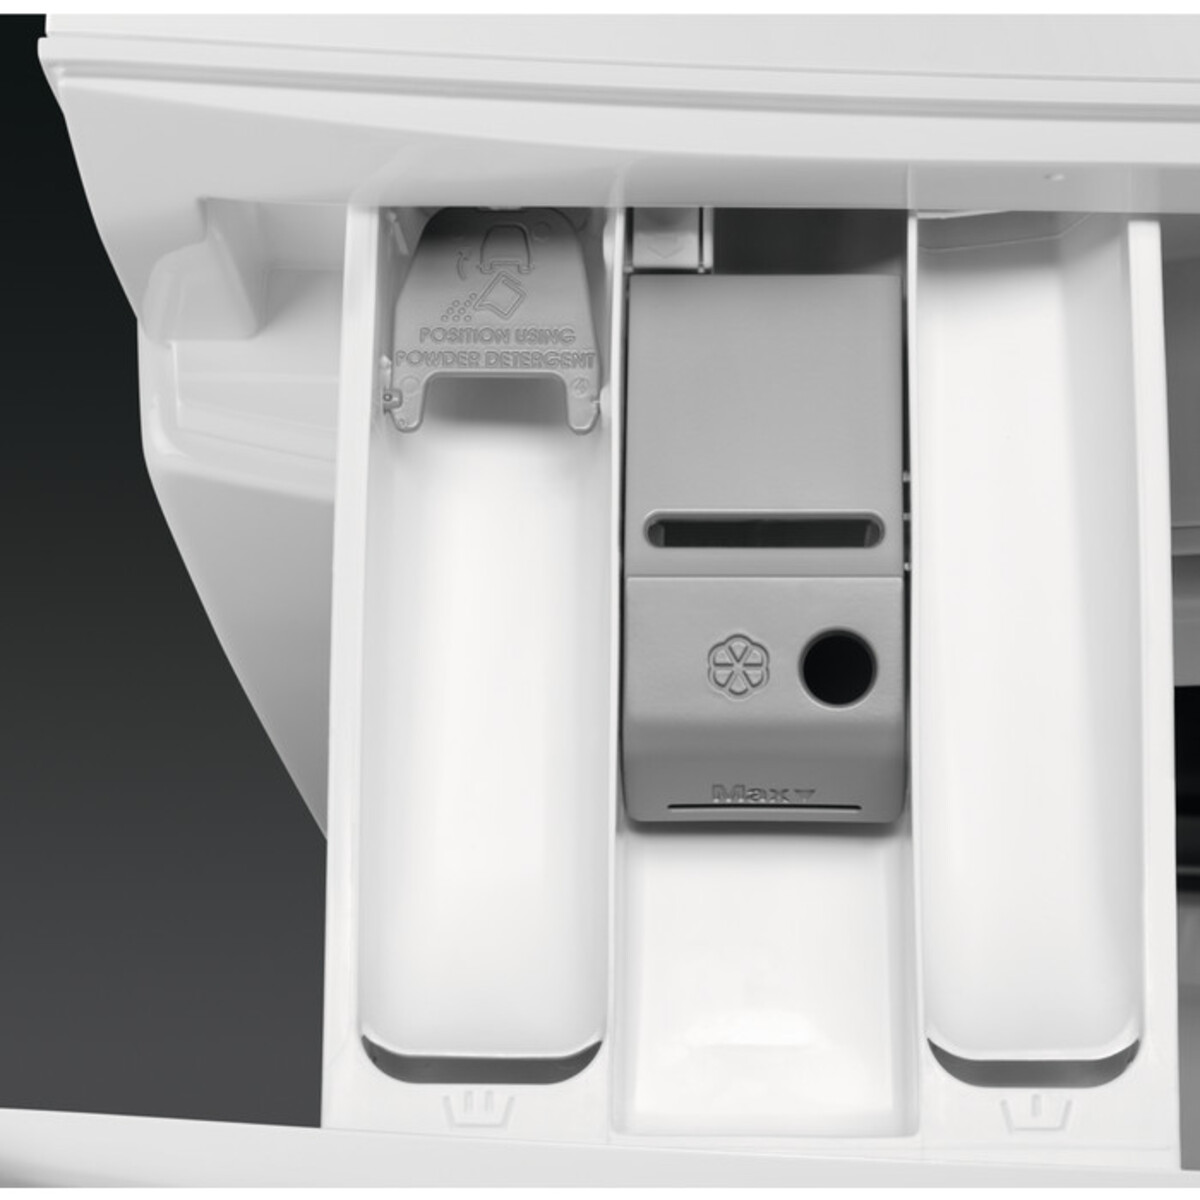 Bild 4 von AEG Waschmaschine L6FB647FH (A+++, 7 kg Fasungsvermögen, 1400 U/min, Schontrommel, Aquastop, Display, Inverter)